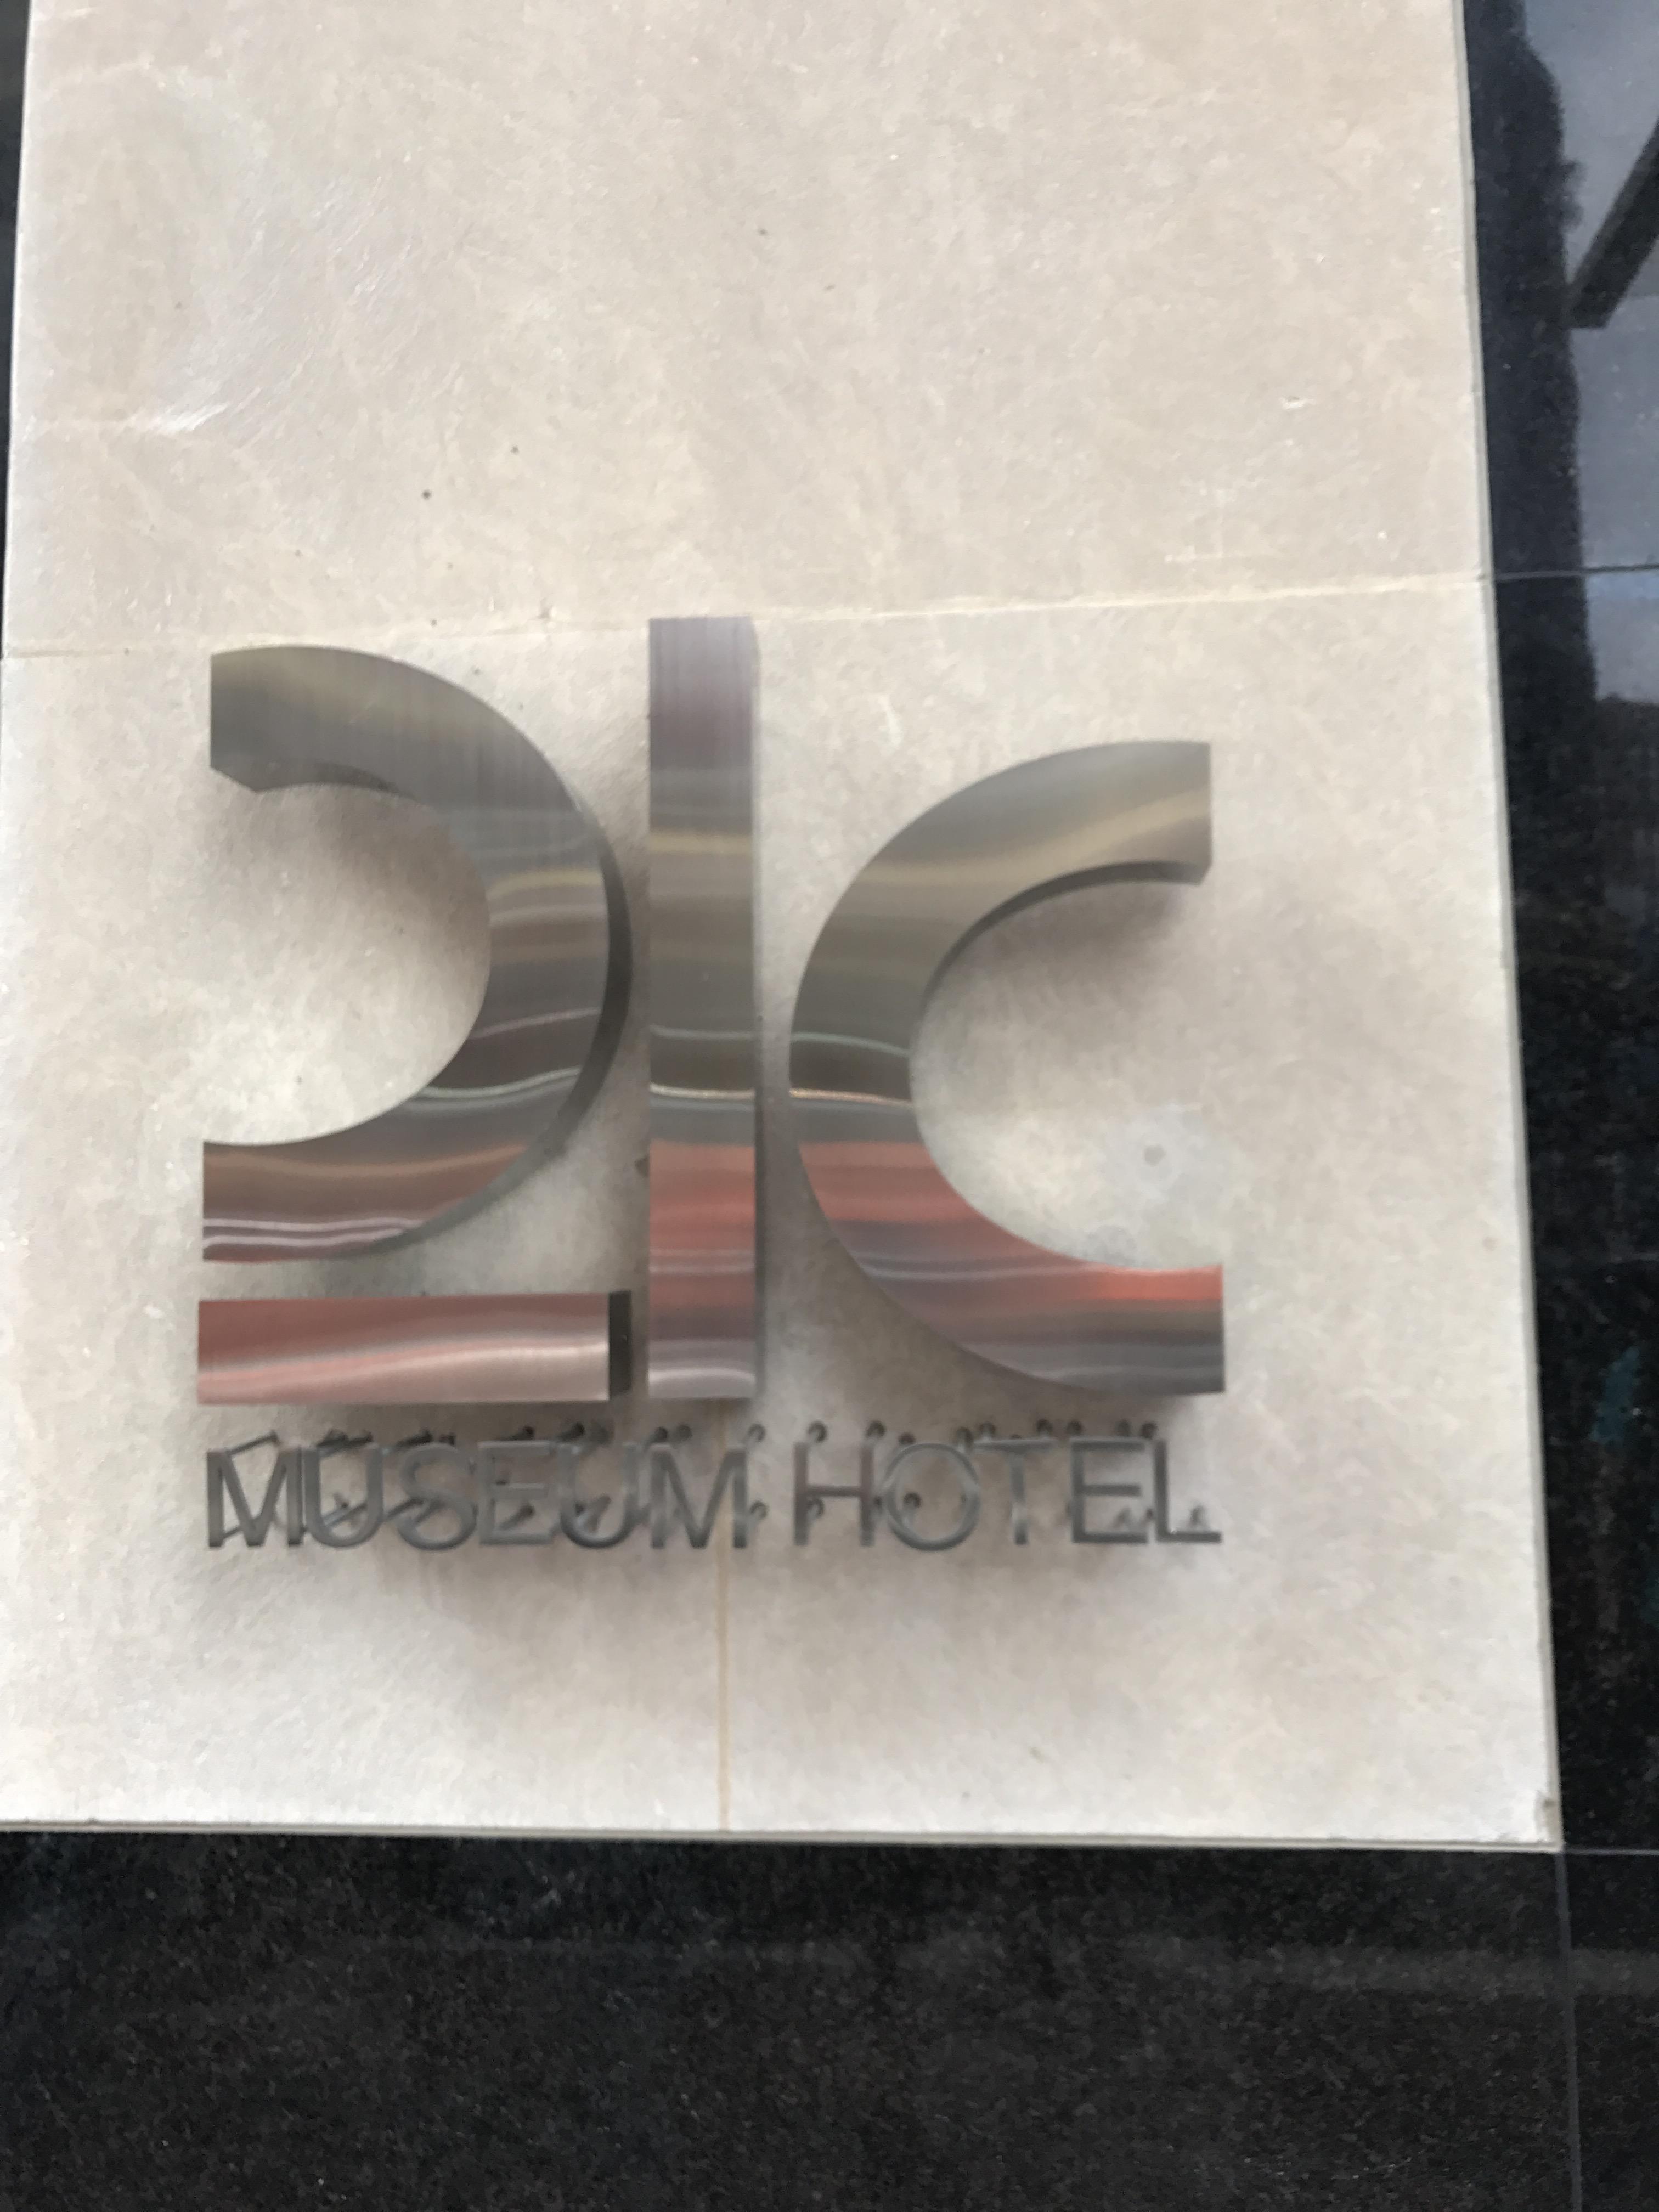 21C Museum Hotel - 24 Hours In Durham, NC - Durham North Carolina Things To Do - Durham, NC Activities - Commnunikait by Kait Hanson